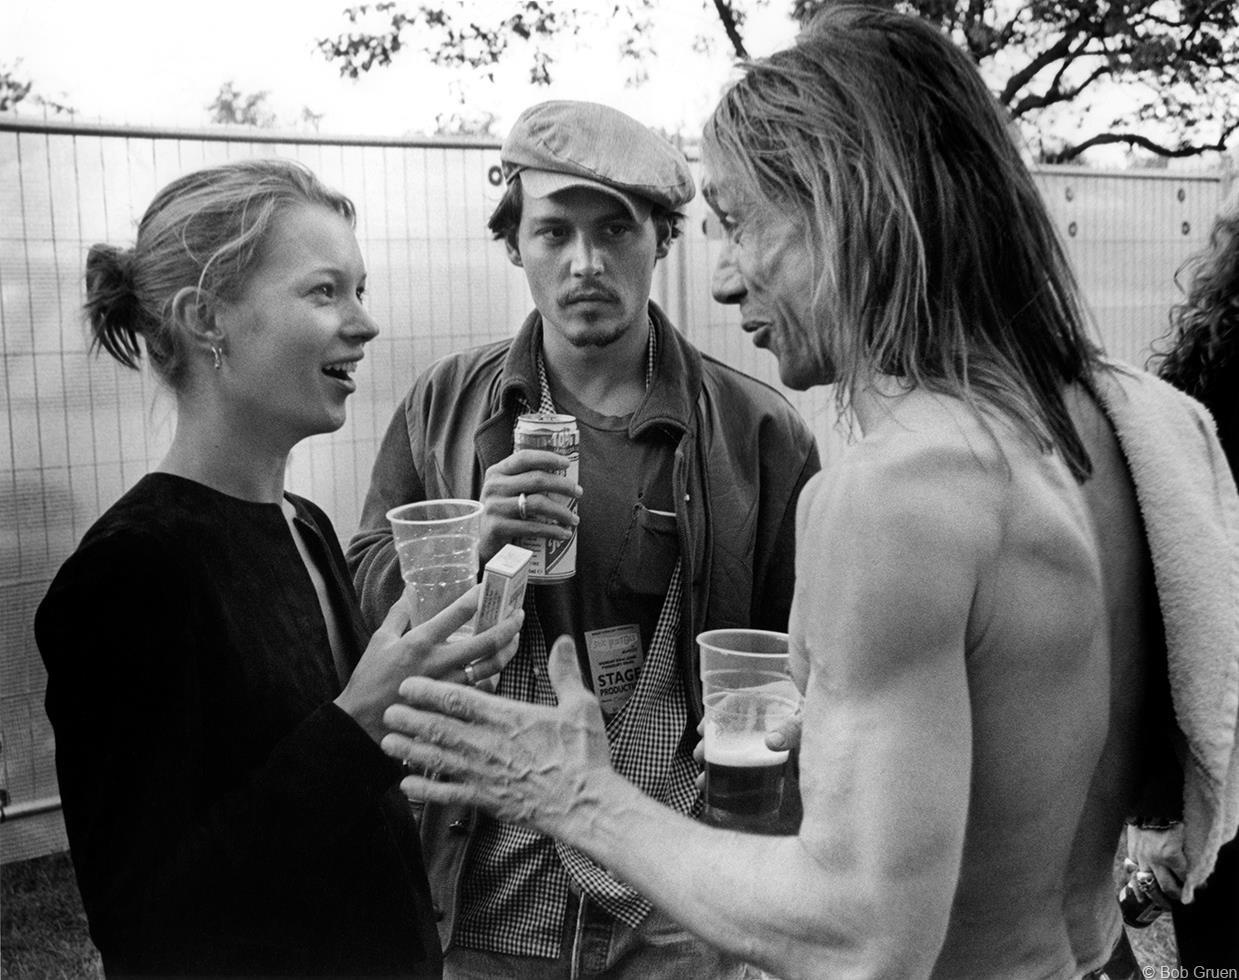 1996. Кейт Мосс, Джонни Депп & Игги Поп. Лондон, Великобритания